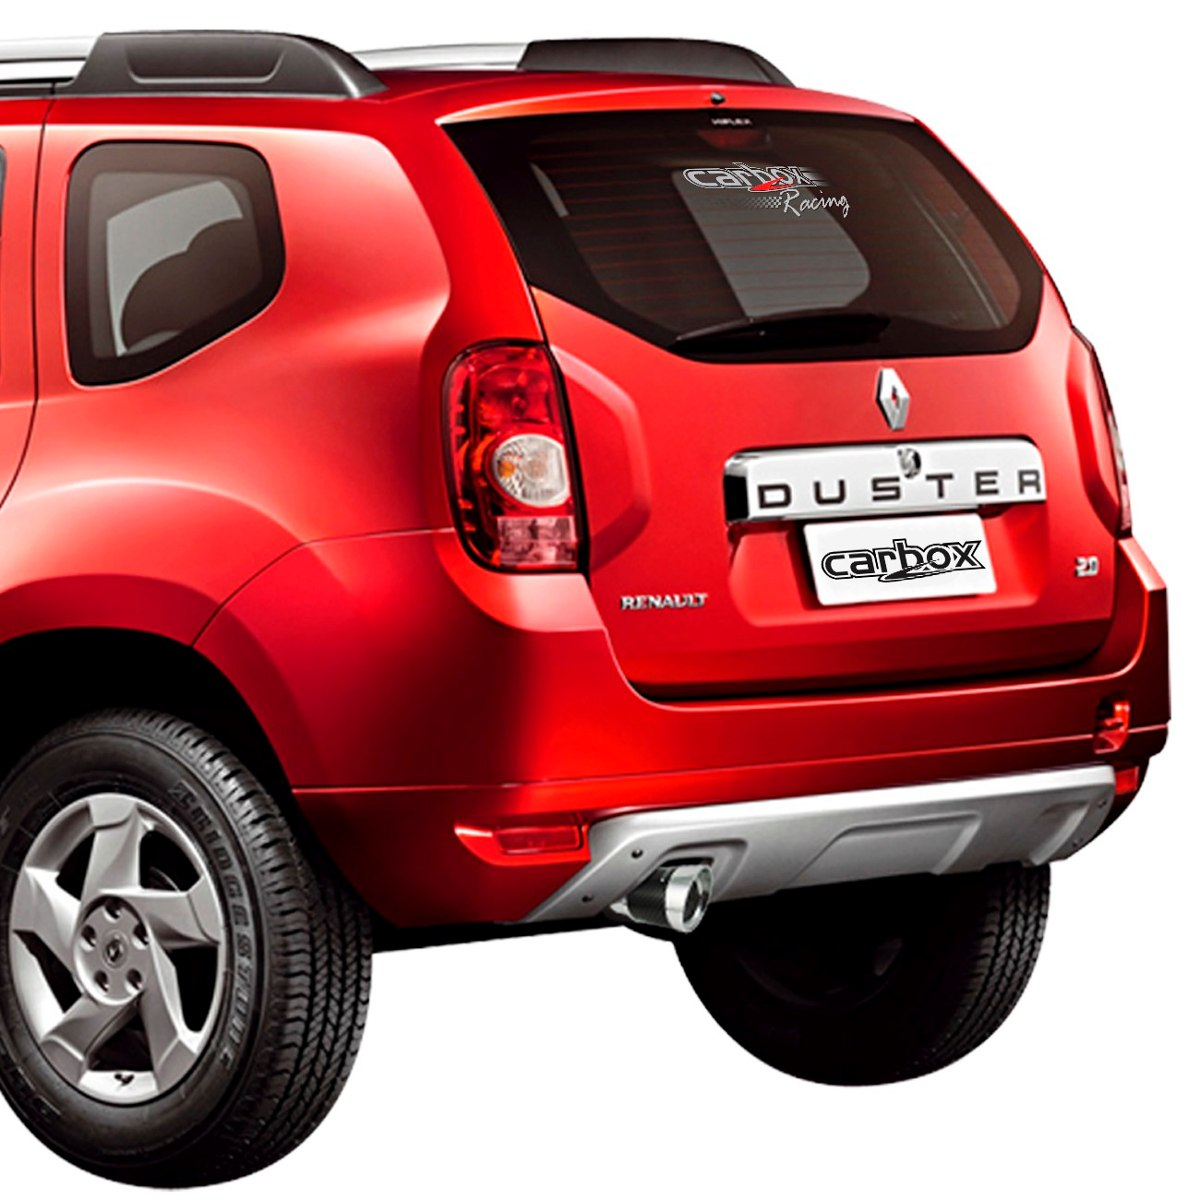 Ponteira Elite C/ Fibra De Carbono P/ Renault Duster